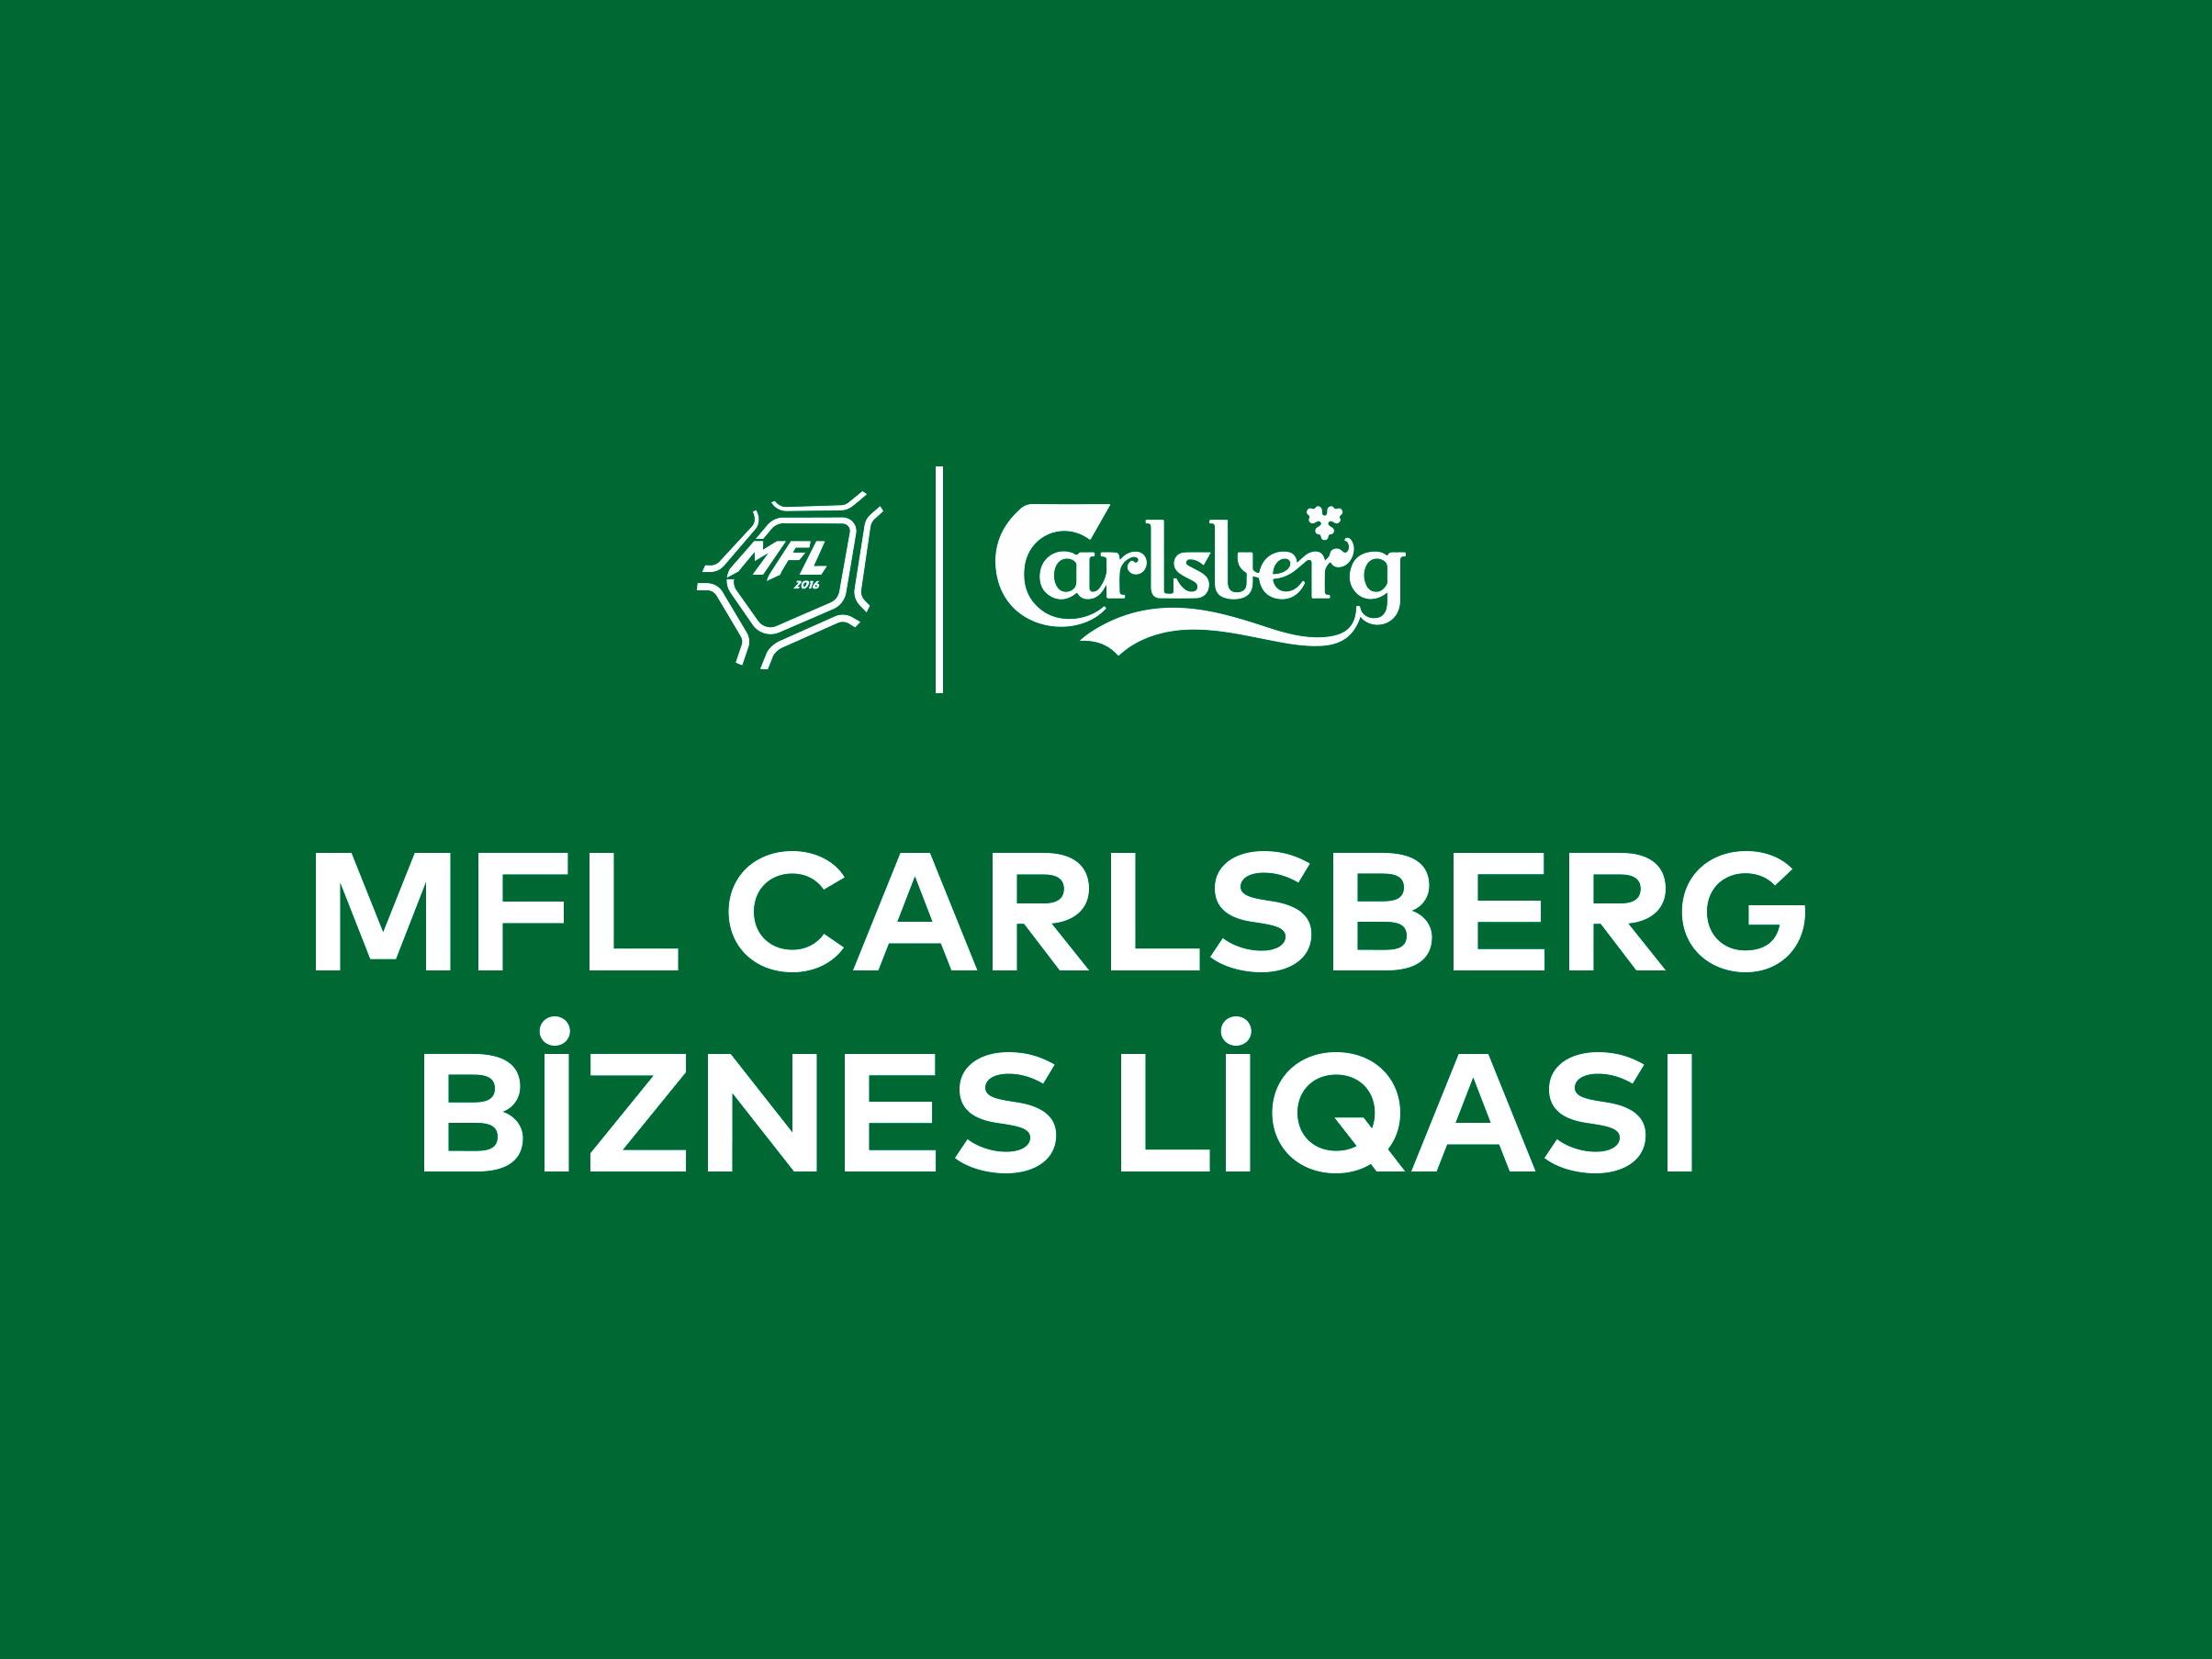 """MFL və Carlsberg Azerbaijan futbol """"Biznes Liqası"""" yaradırlar: necə bu turnirin iştirakçısı olmaq olar?"""